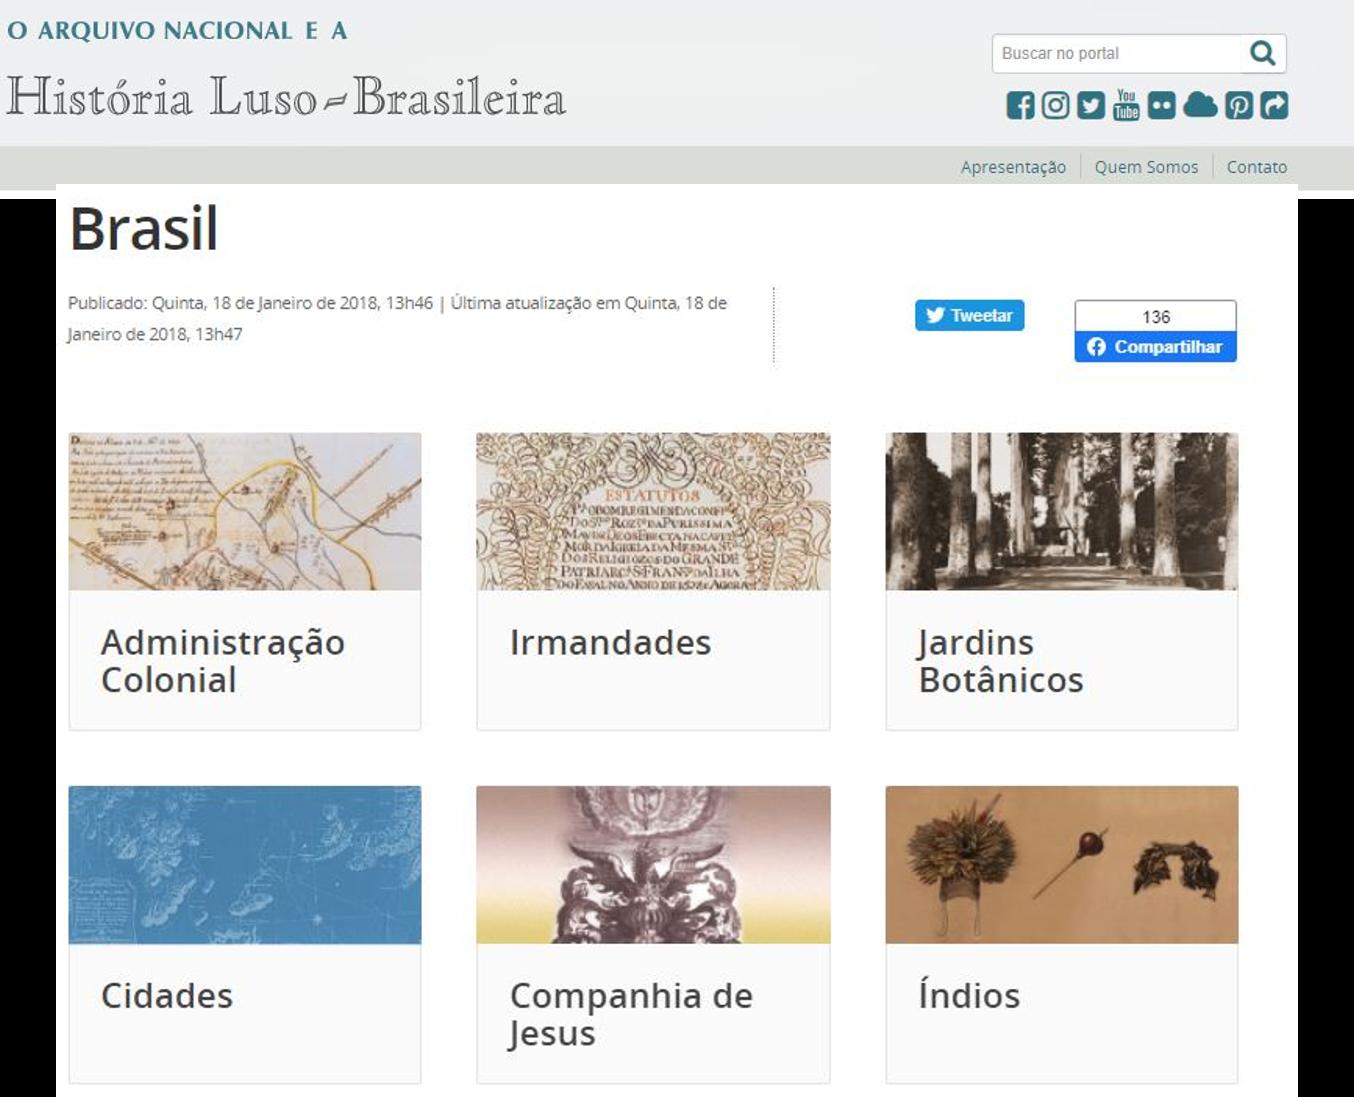 A história luso-brasileira nos documentos do Arquivo Nacional